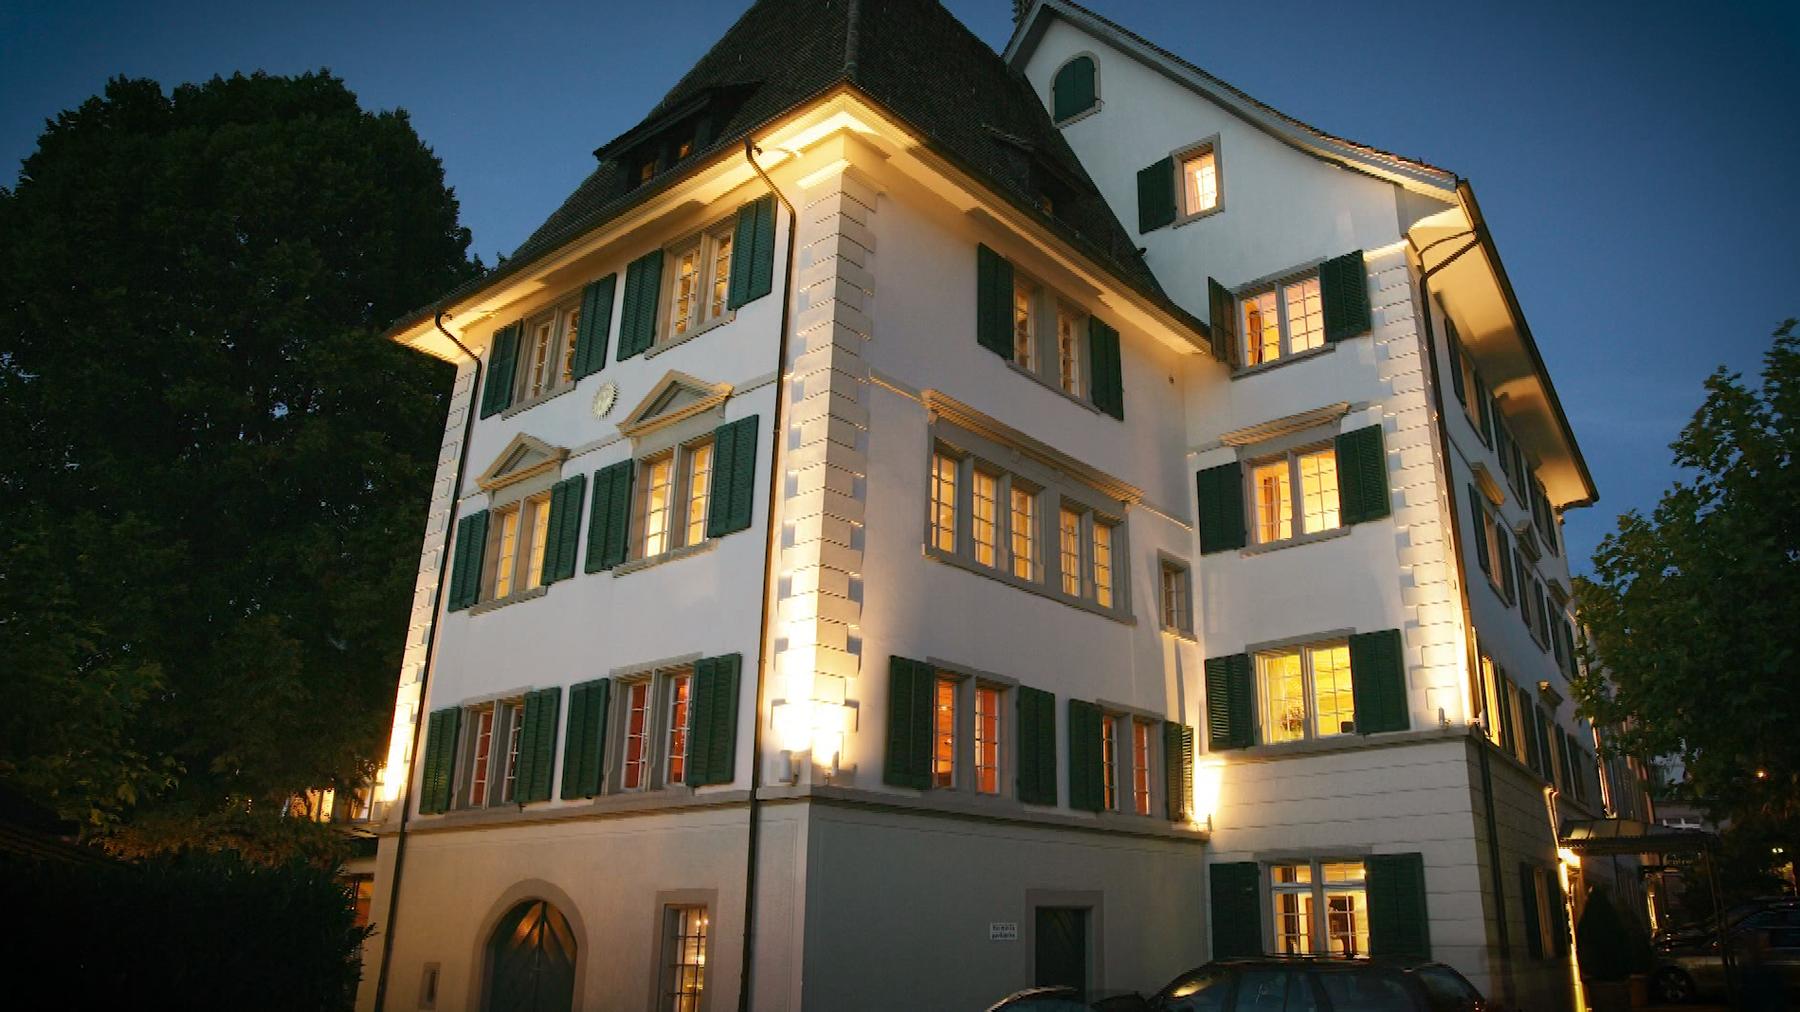 Winterzauber im Romantik Seehotel Sonne in Küsnacht am Zürichsee.